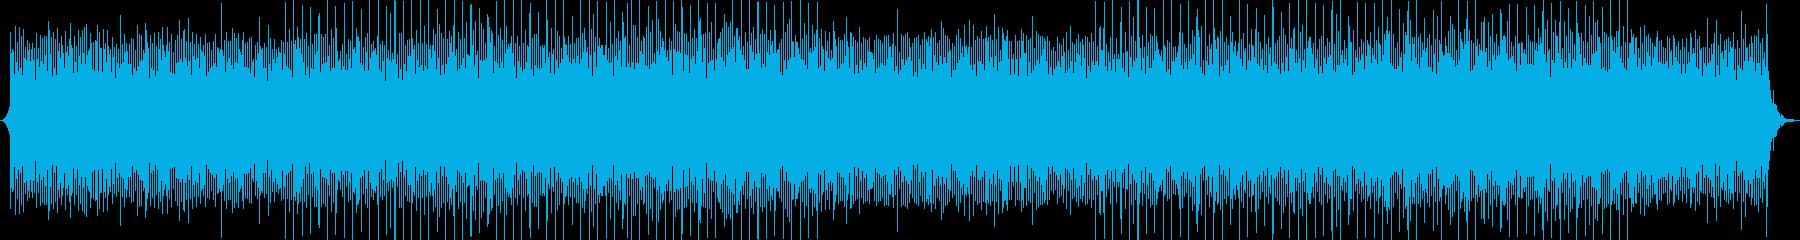 シンプル・ギター・爽やか・ニュース・朝の再生済みの波形